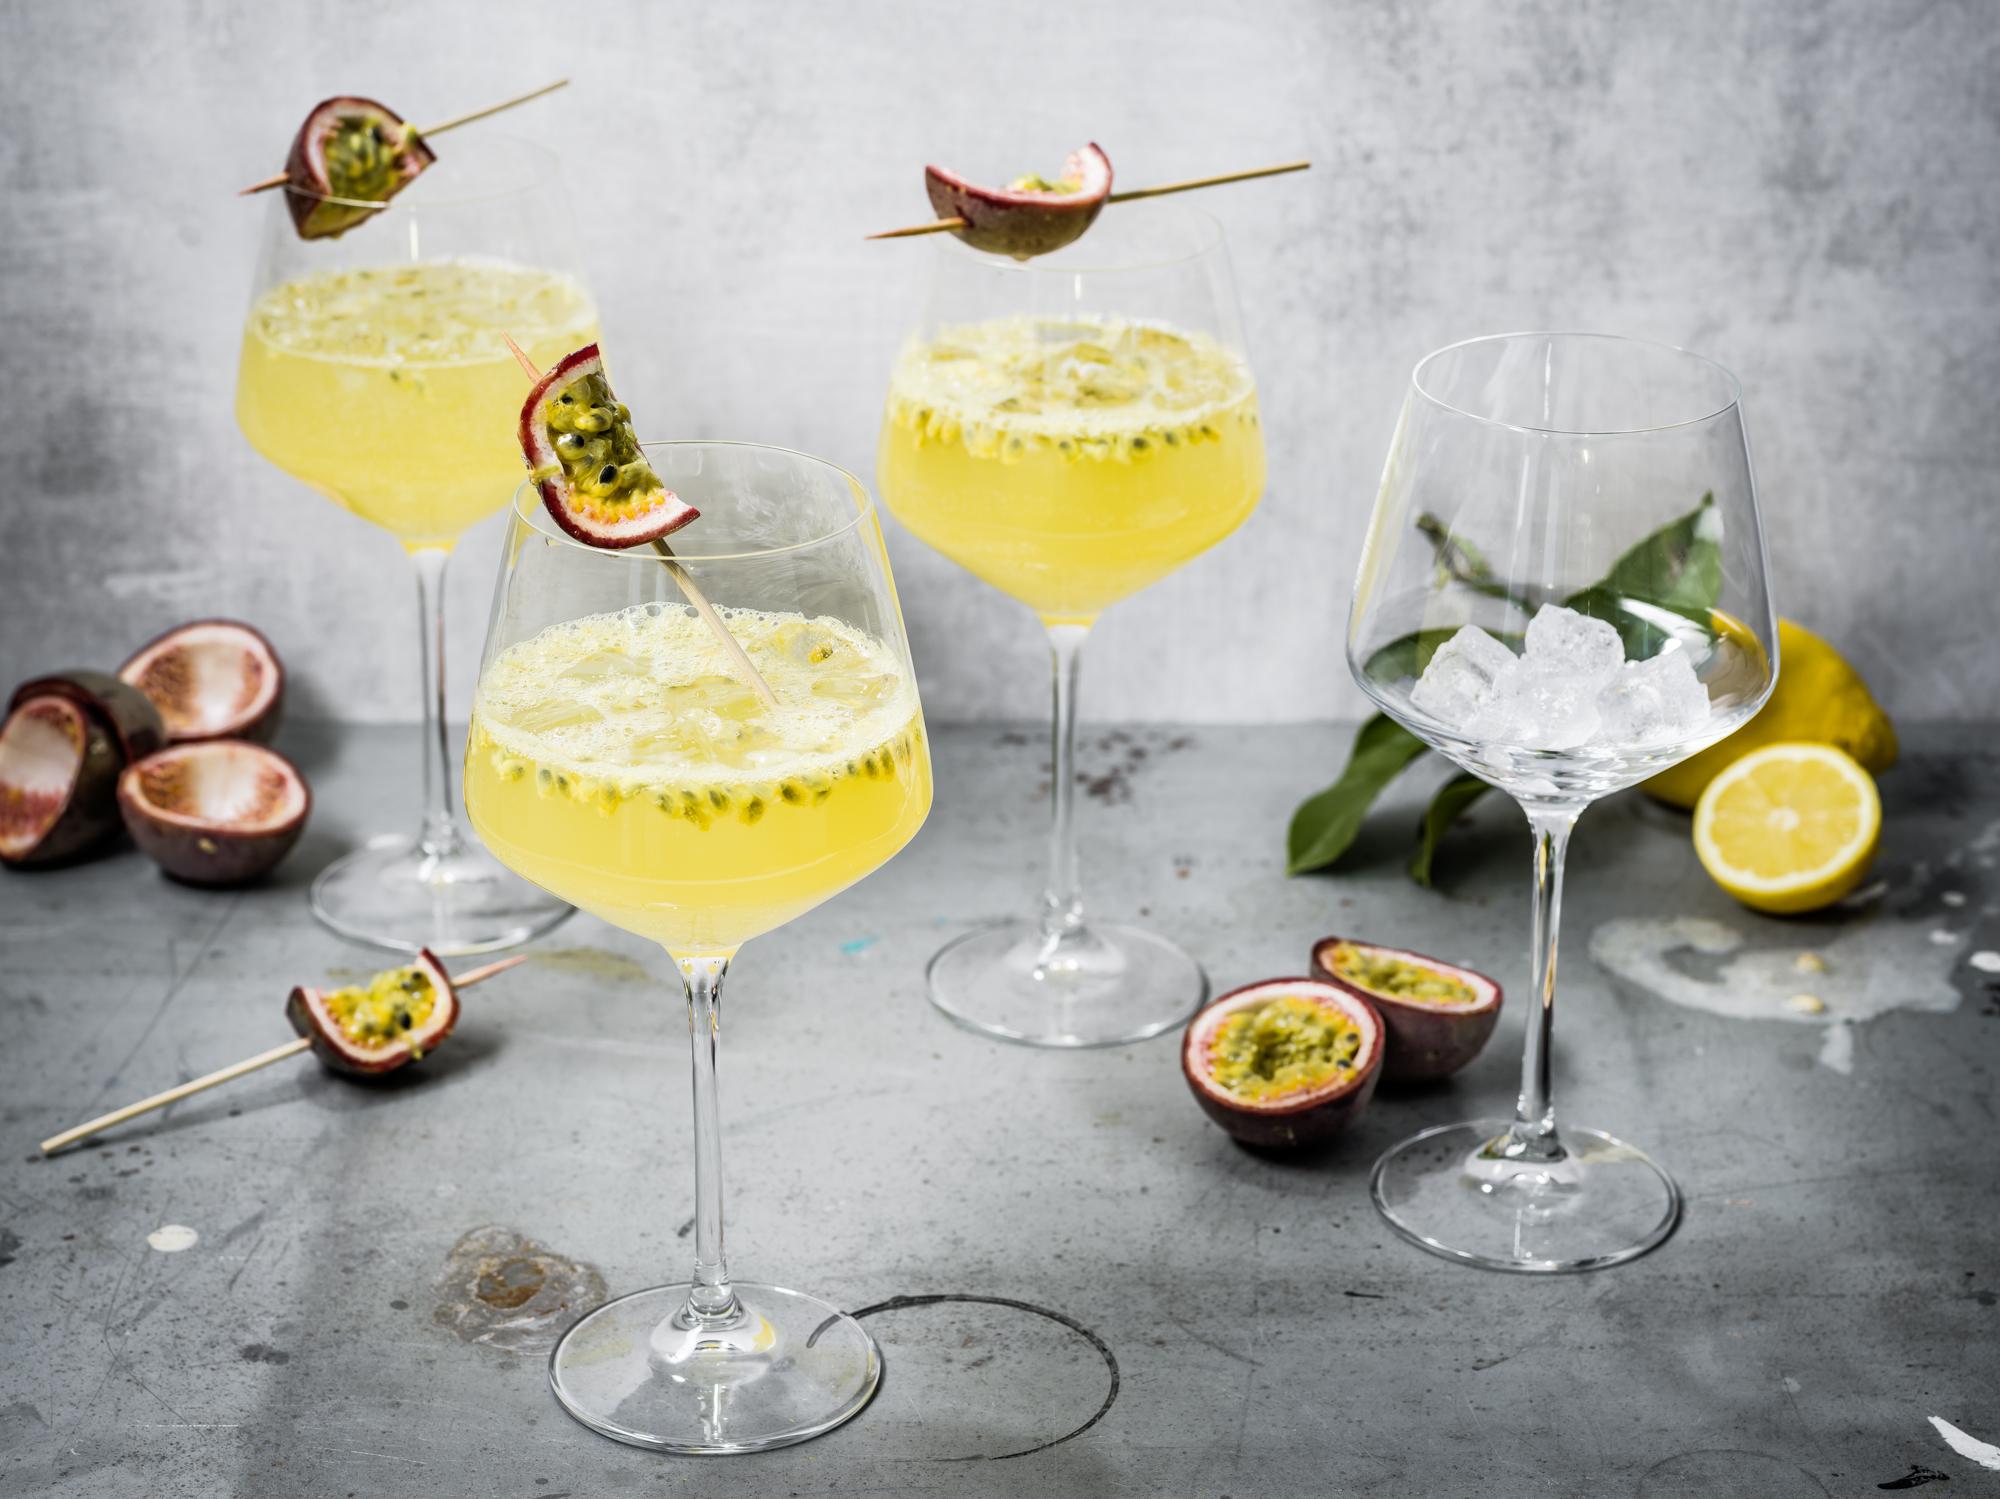 Cocktail drink-Fotografie | Stefan Schmidlin Fotograf Basel, Bild 22.jpg